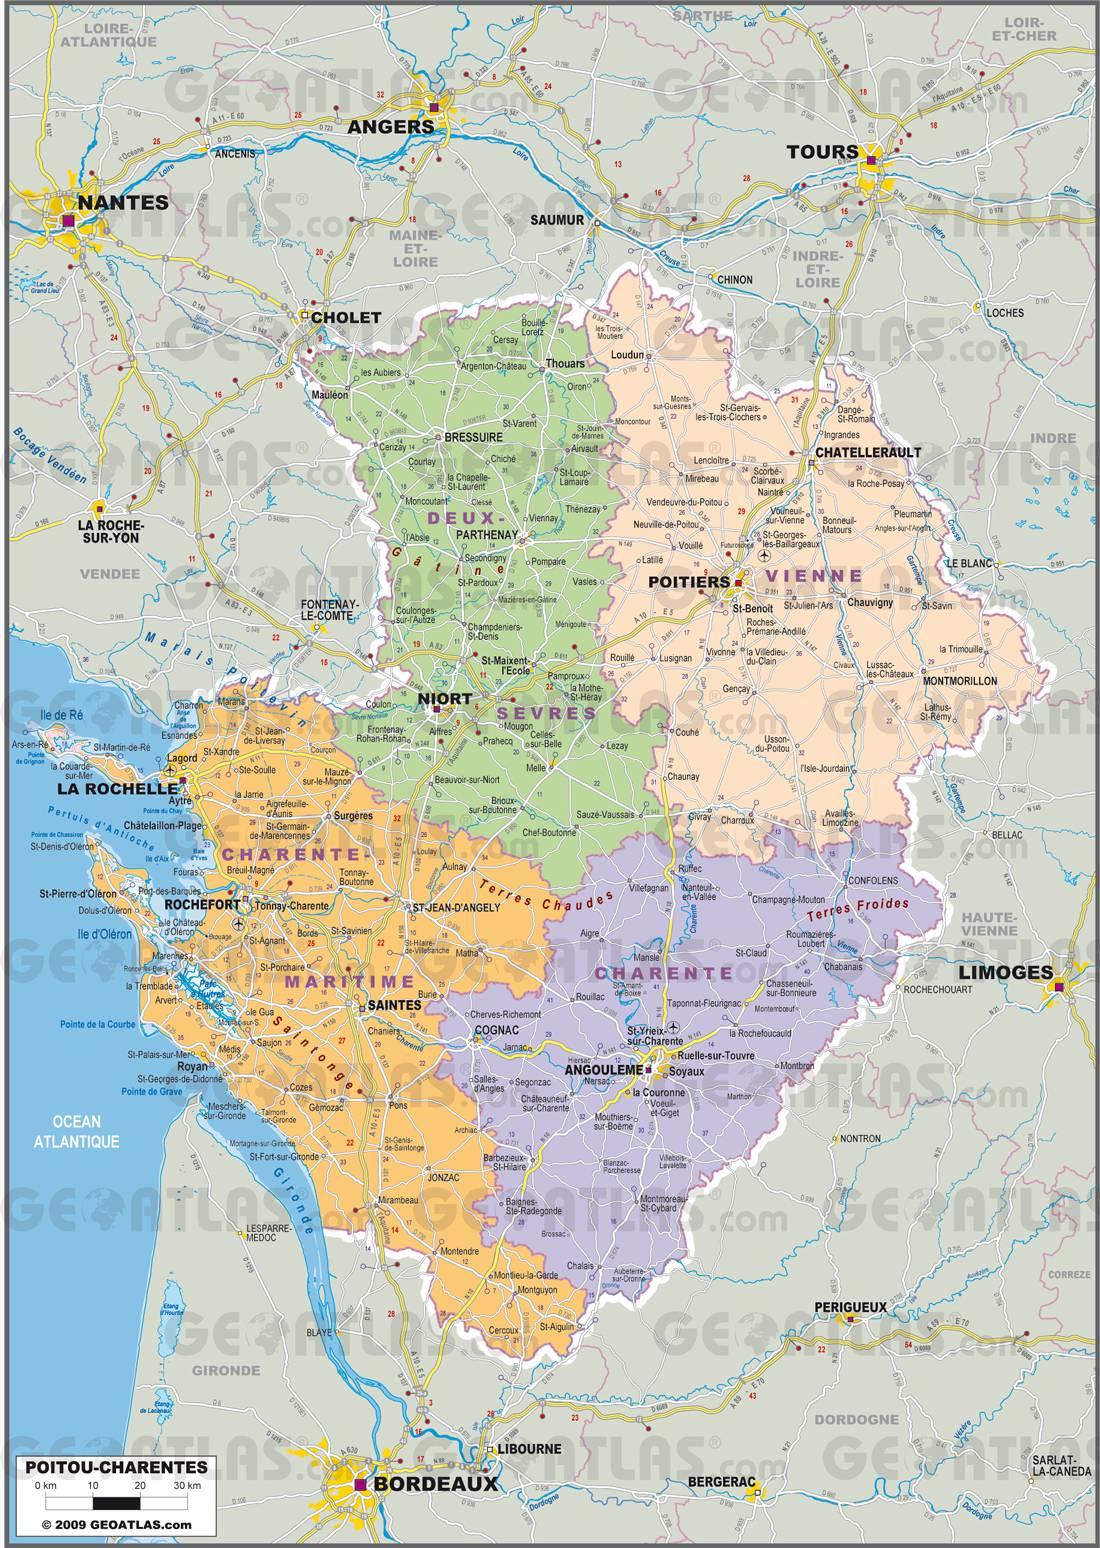 Carte administrative du Poitou-Charentes